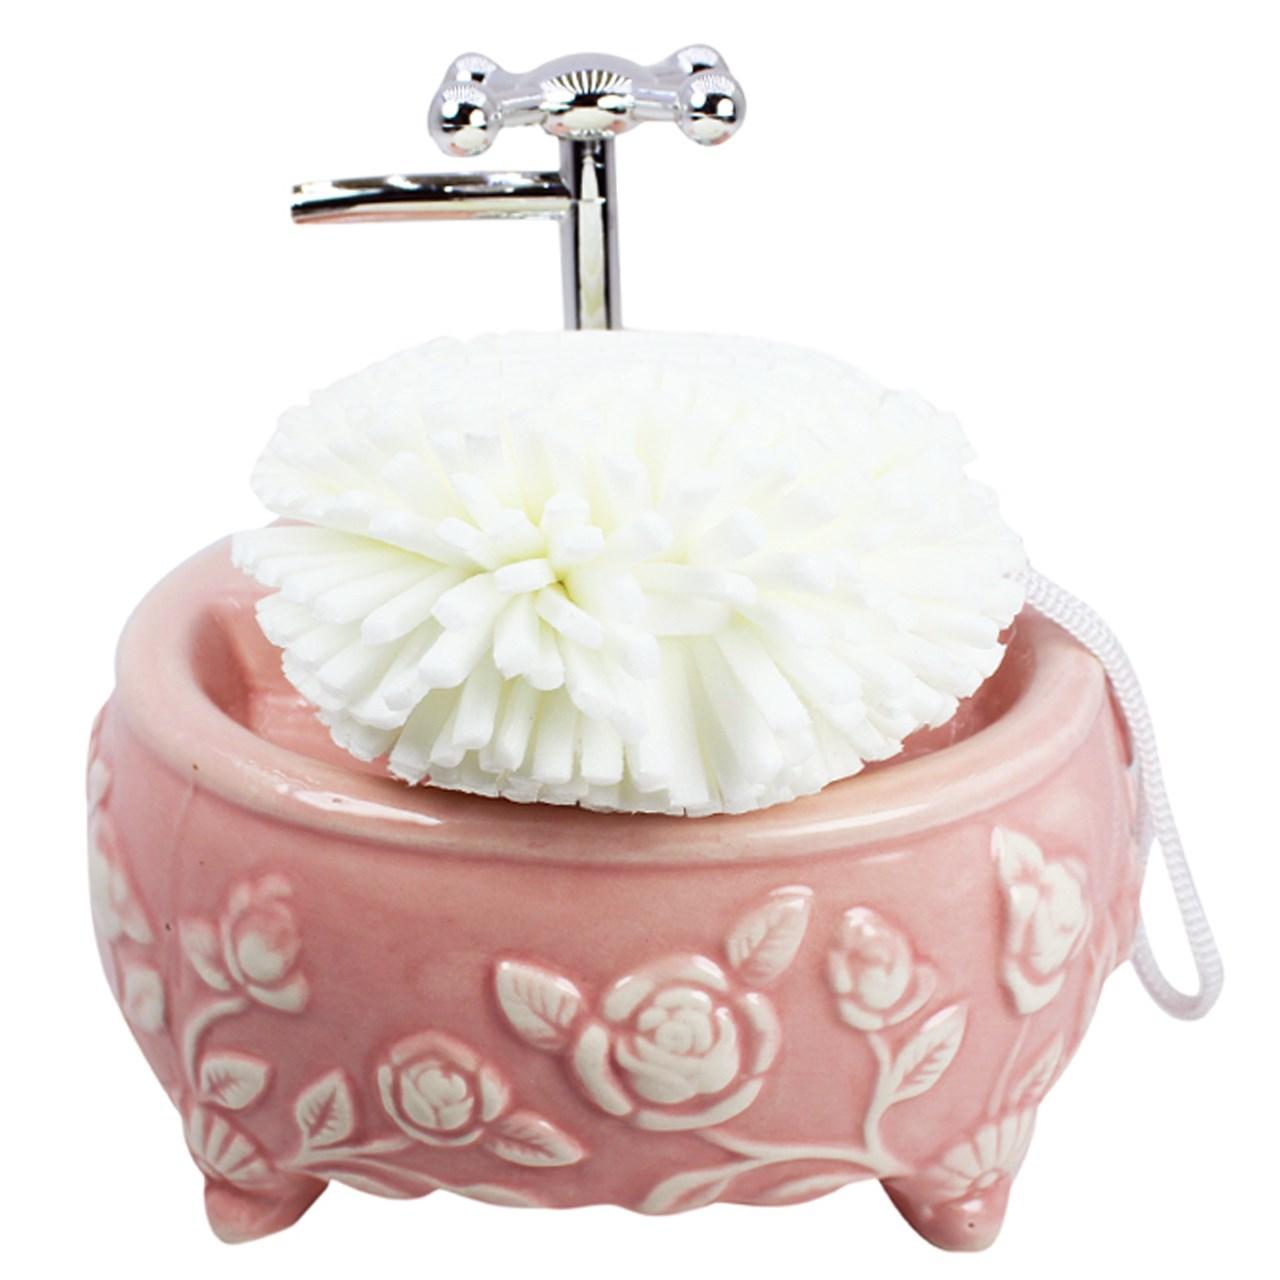 پمپ مایع ظرفشویی مدل Flower  01